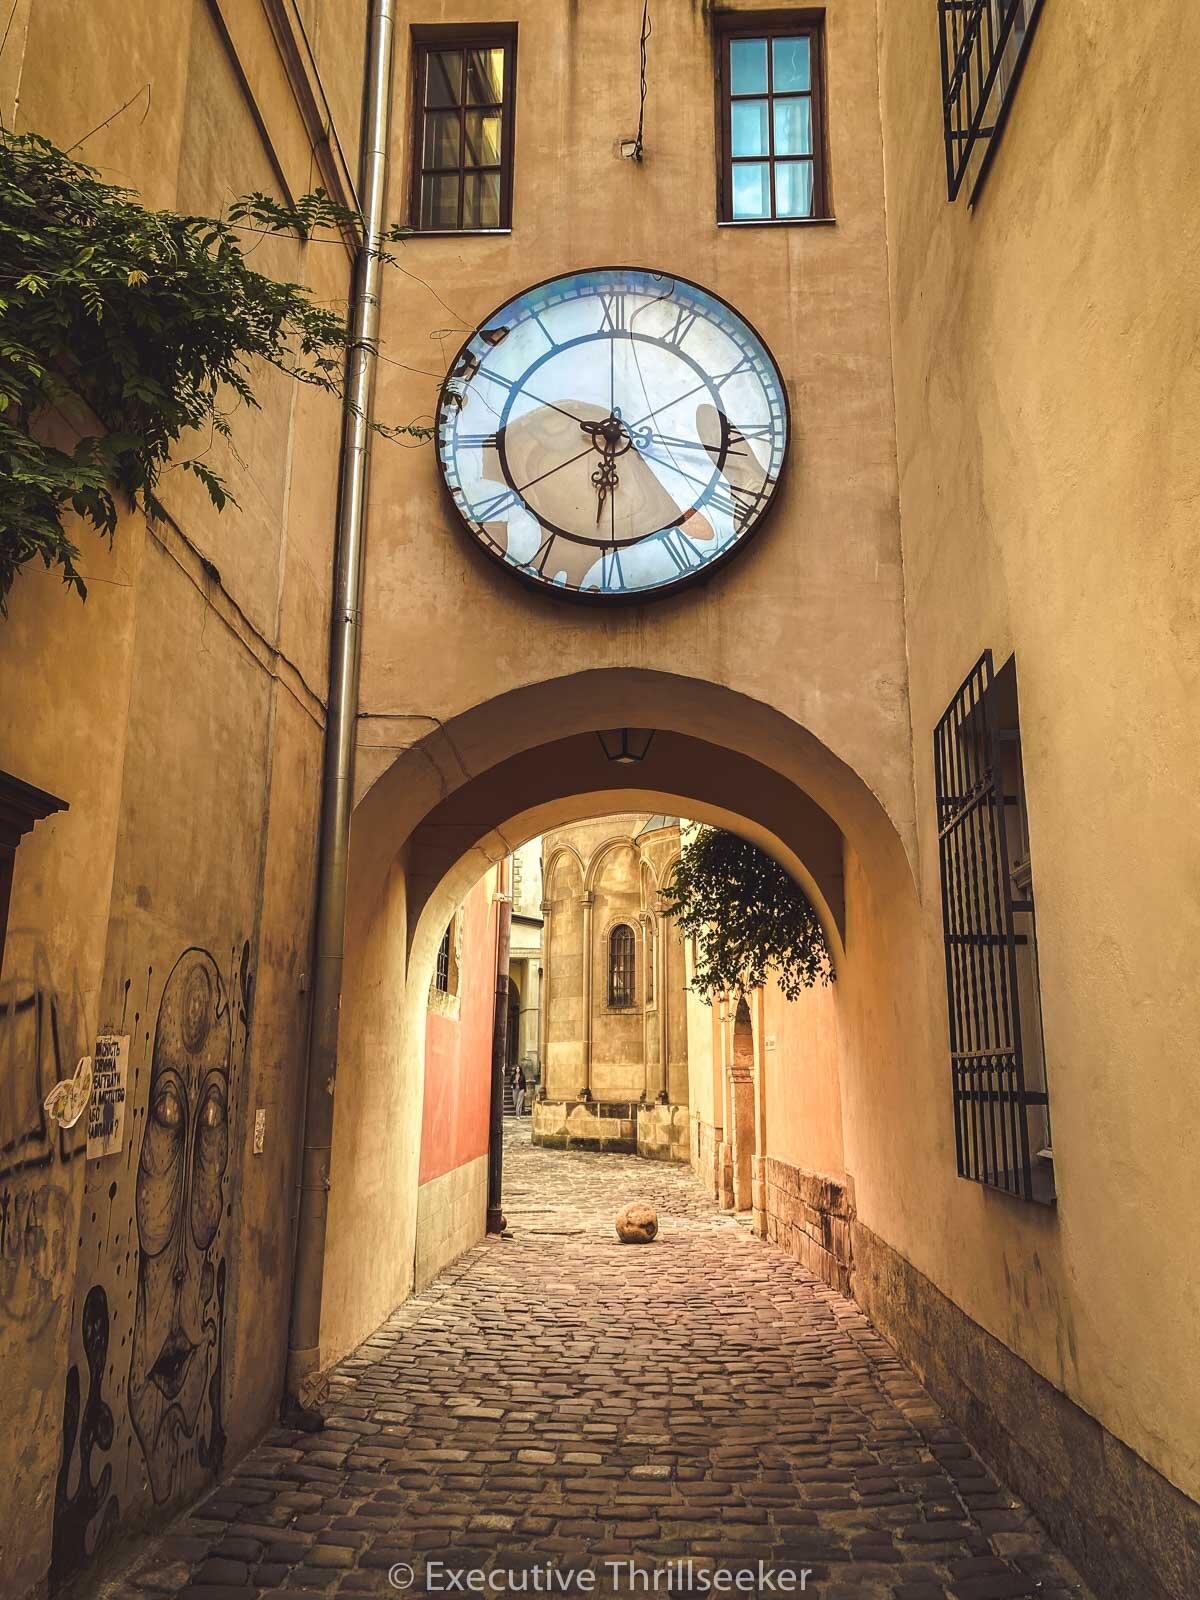 20 Best Things to do in Lviv, Western Ukraine